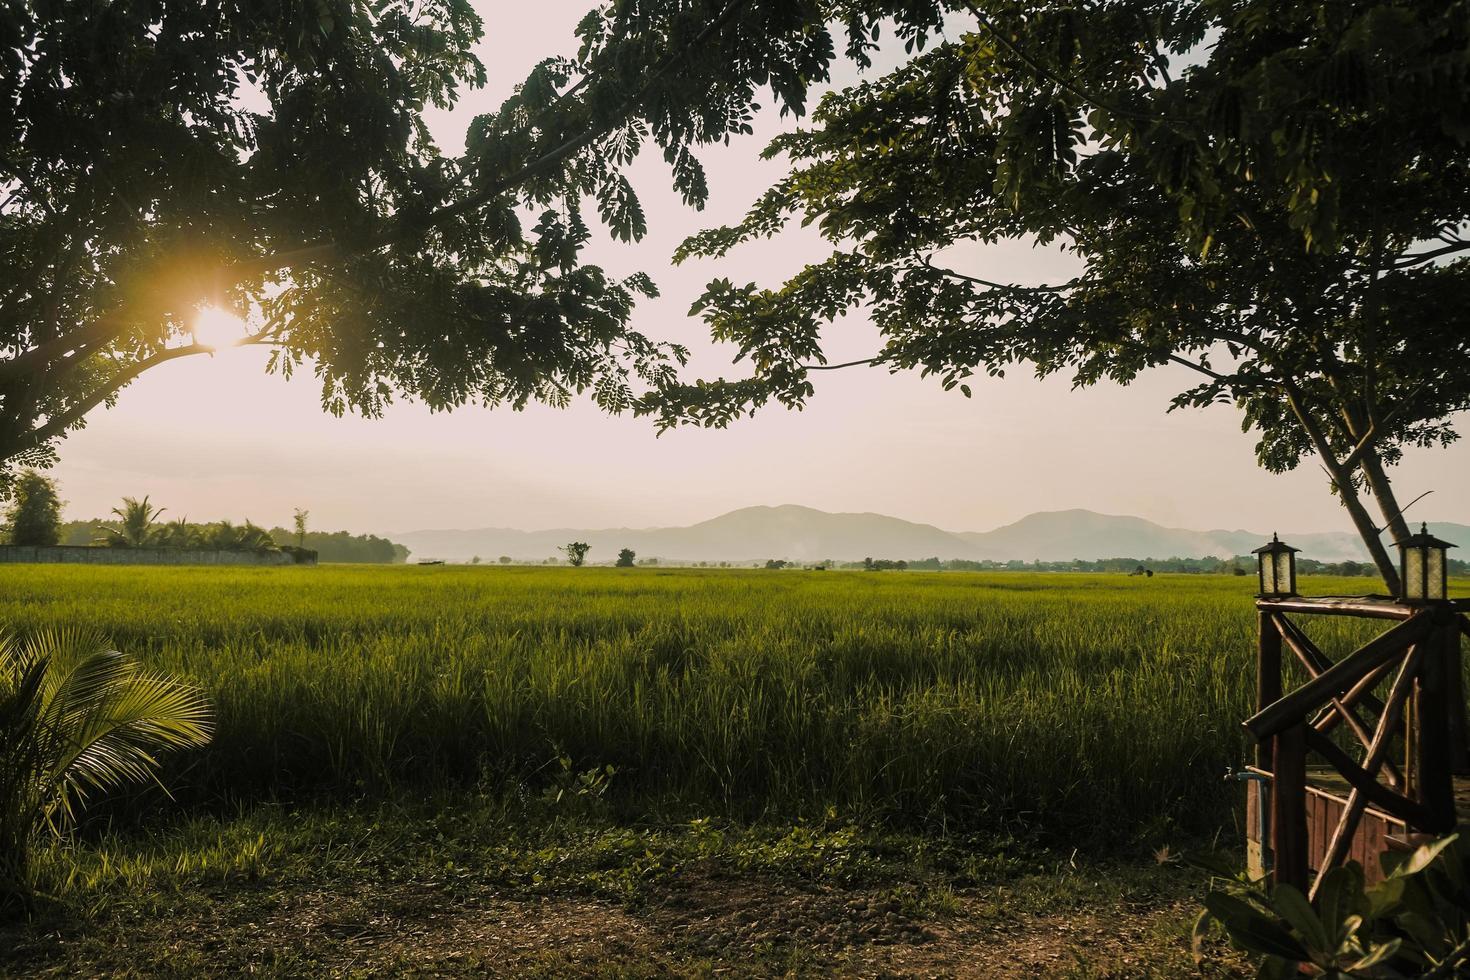 solnedgång på det gröna risfältet på landsbygden foto